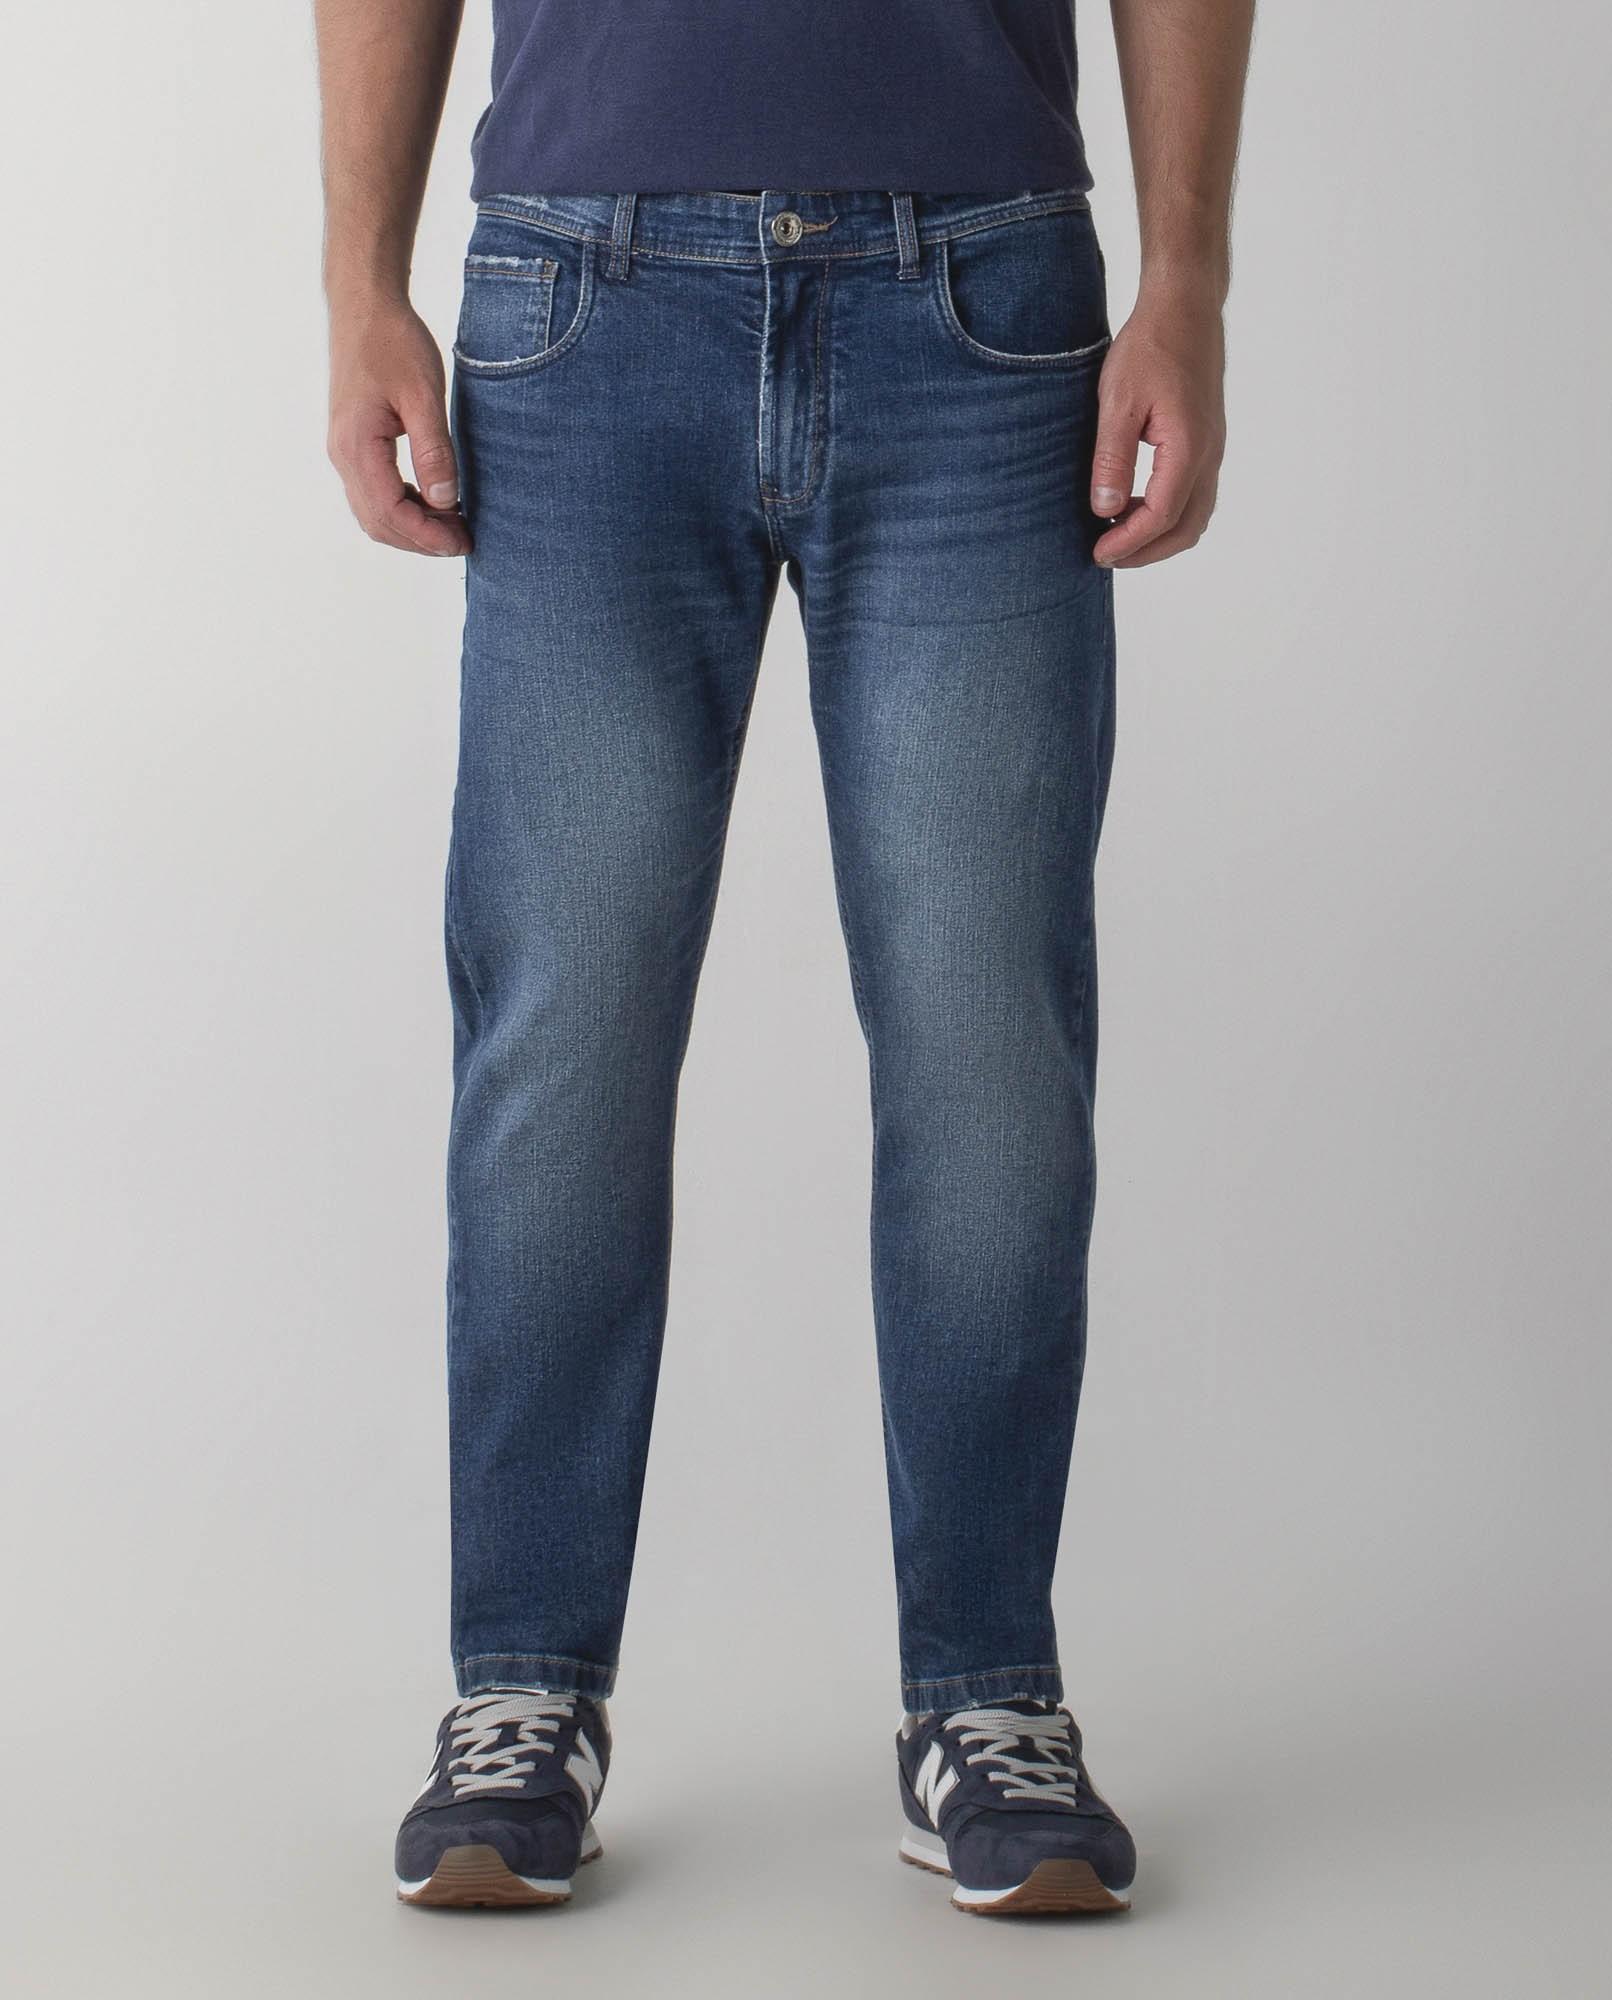 Calça jeans slim - Daily